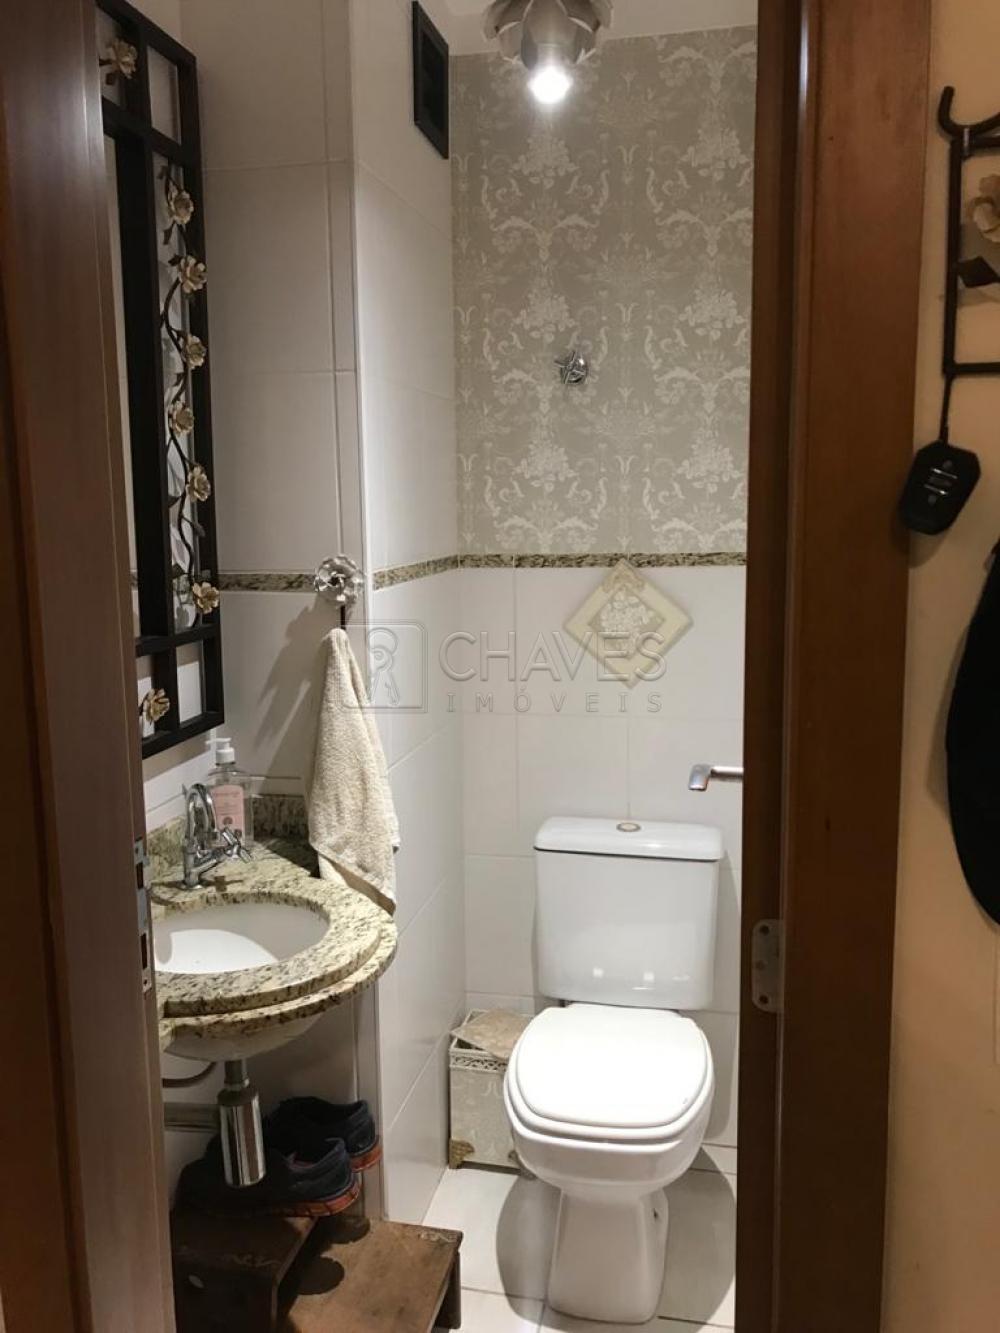 Comprar Apartamento / Padrão em Ribeirão Preto R$ 610.000,00 - Foto 10